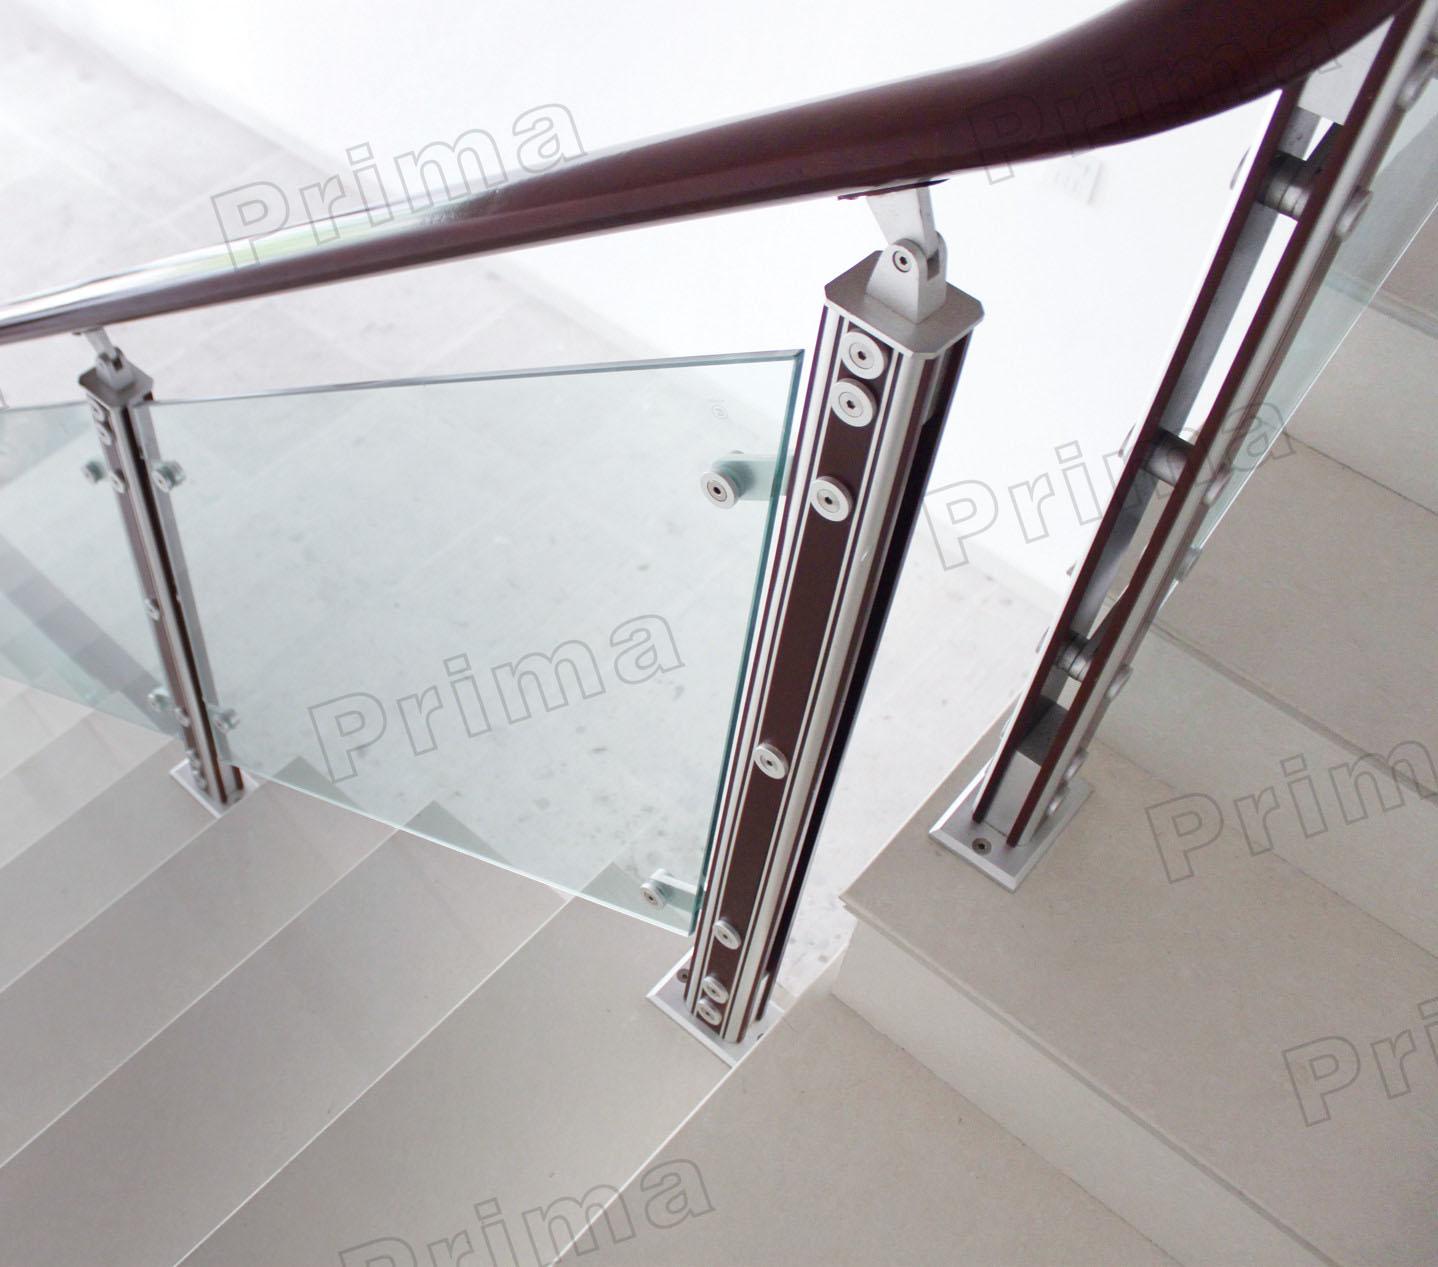 conception de conception de balcon d inox de balustrade inox de balcon montage en verre de balcon